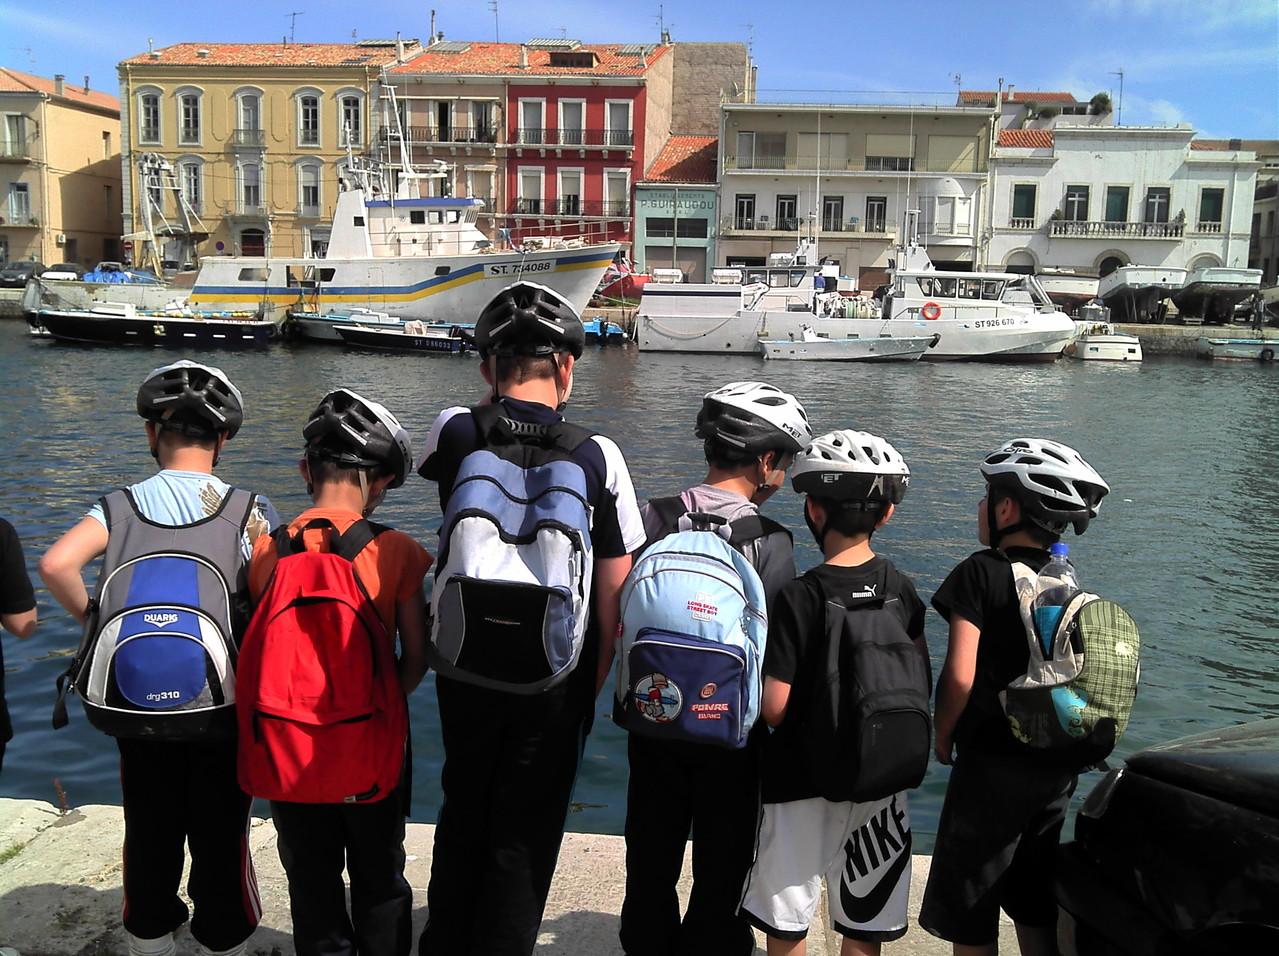 Projet vélo scolaire : Le cycle de l'eau, fleuve, canal, étang,mer...-Ozone